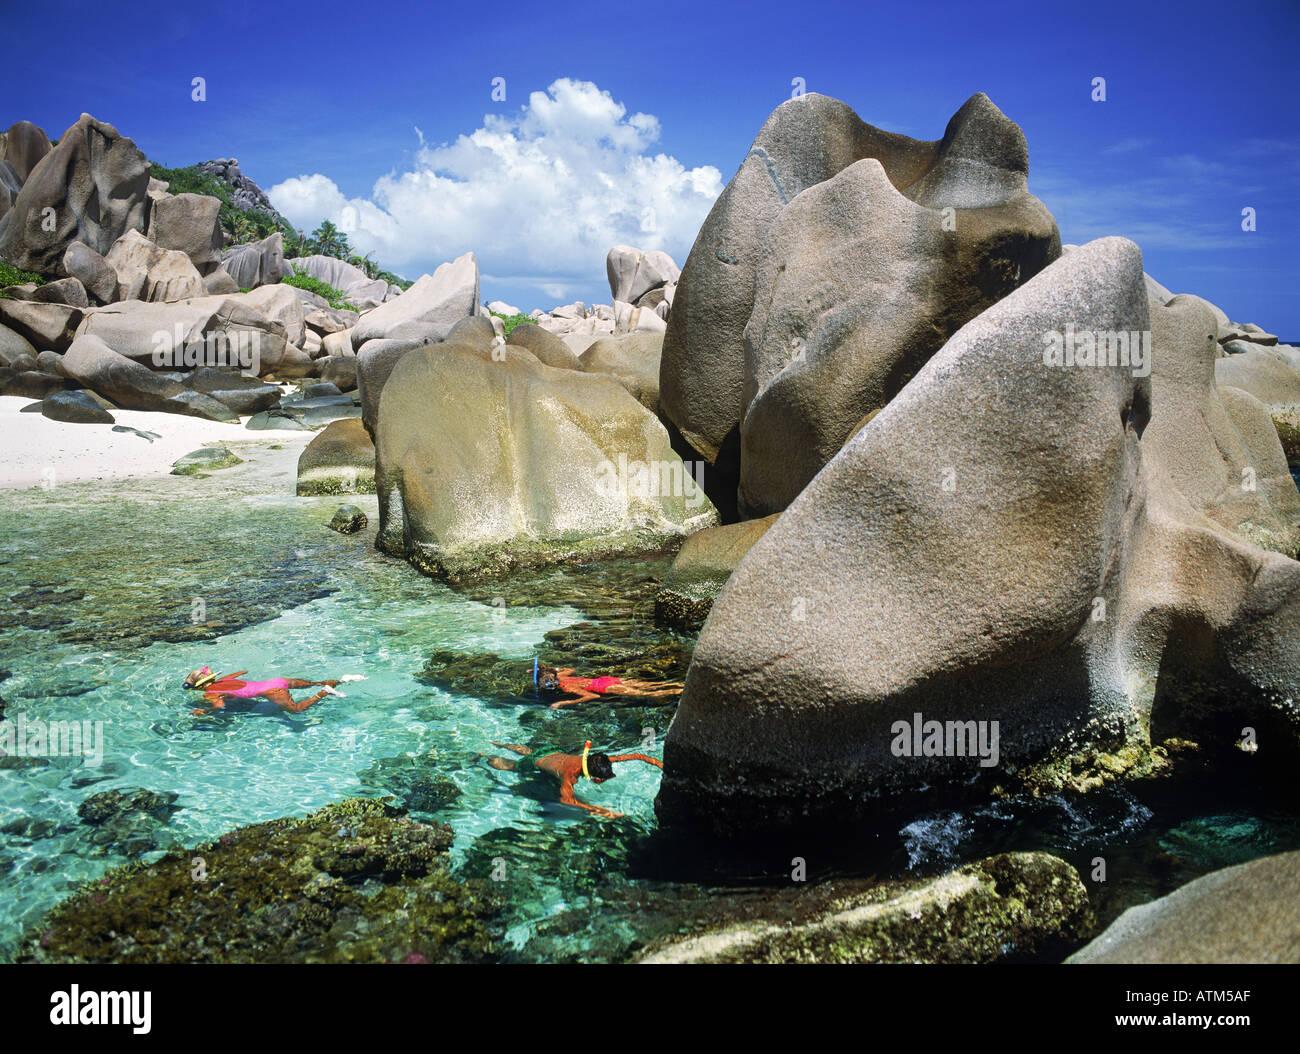 Touristen, die Schnorcheln im Gezeiten-Pools auf der Insel La Digue auf den Seychellen Stockfoto